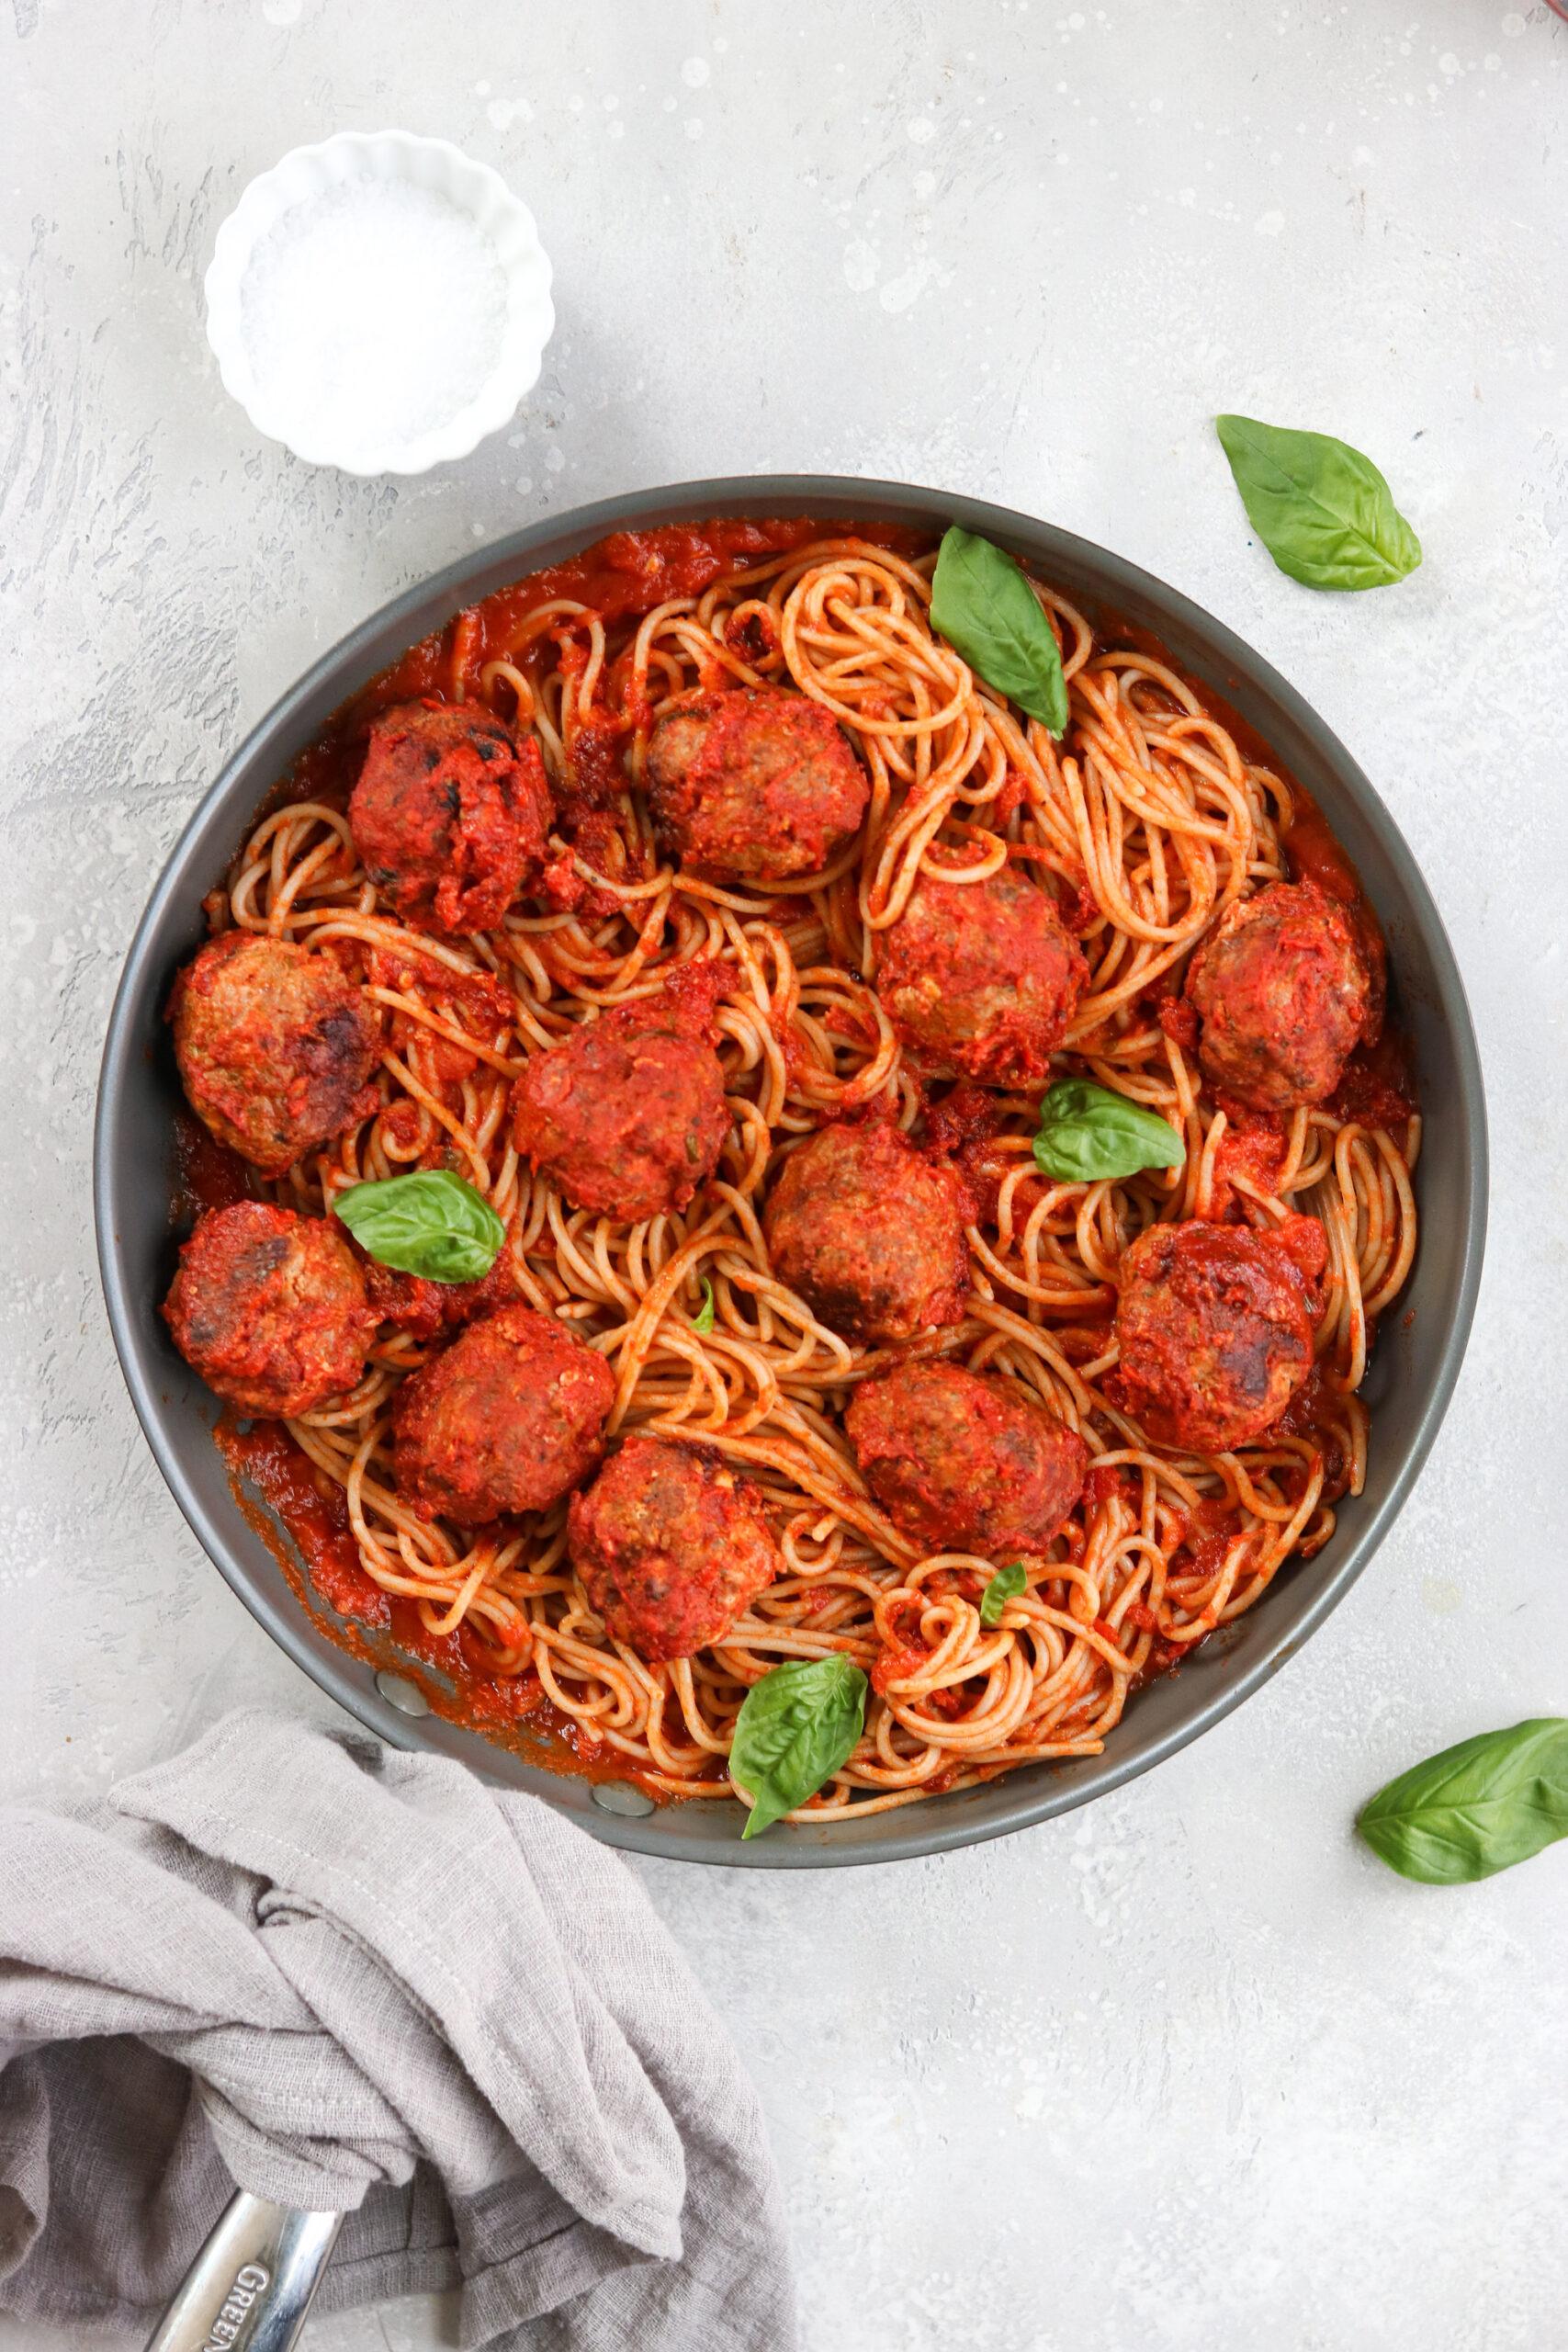 Gluten Free Italian Meatballs and Marinara